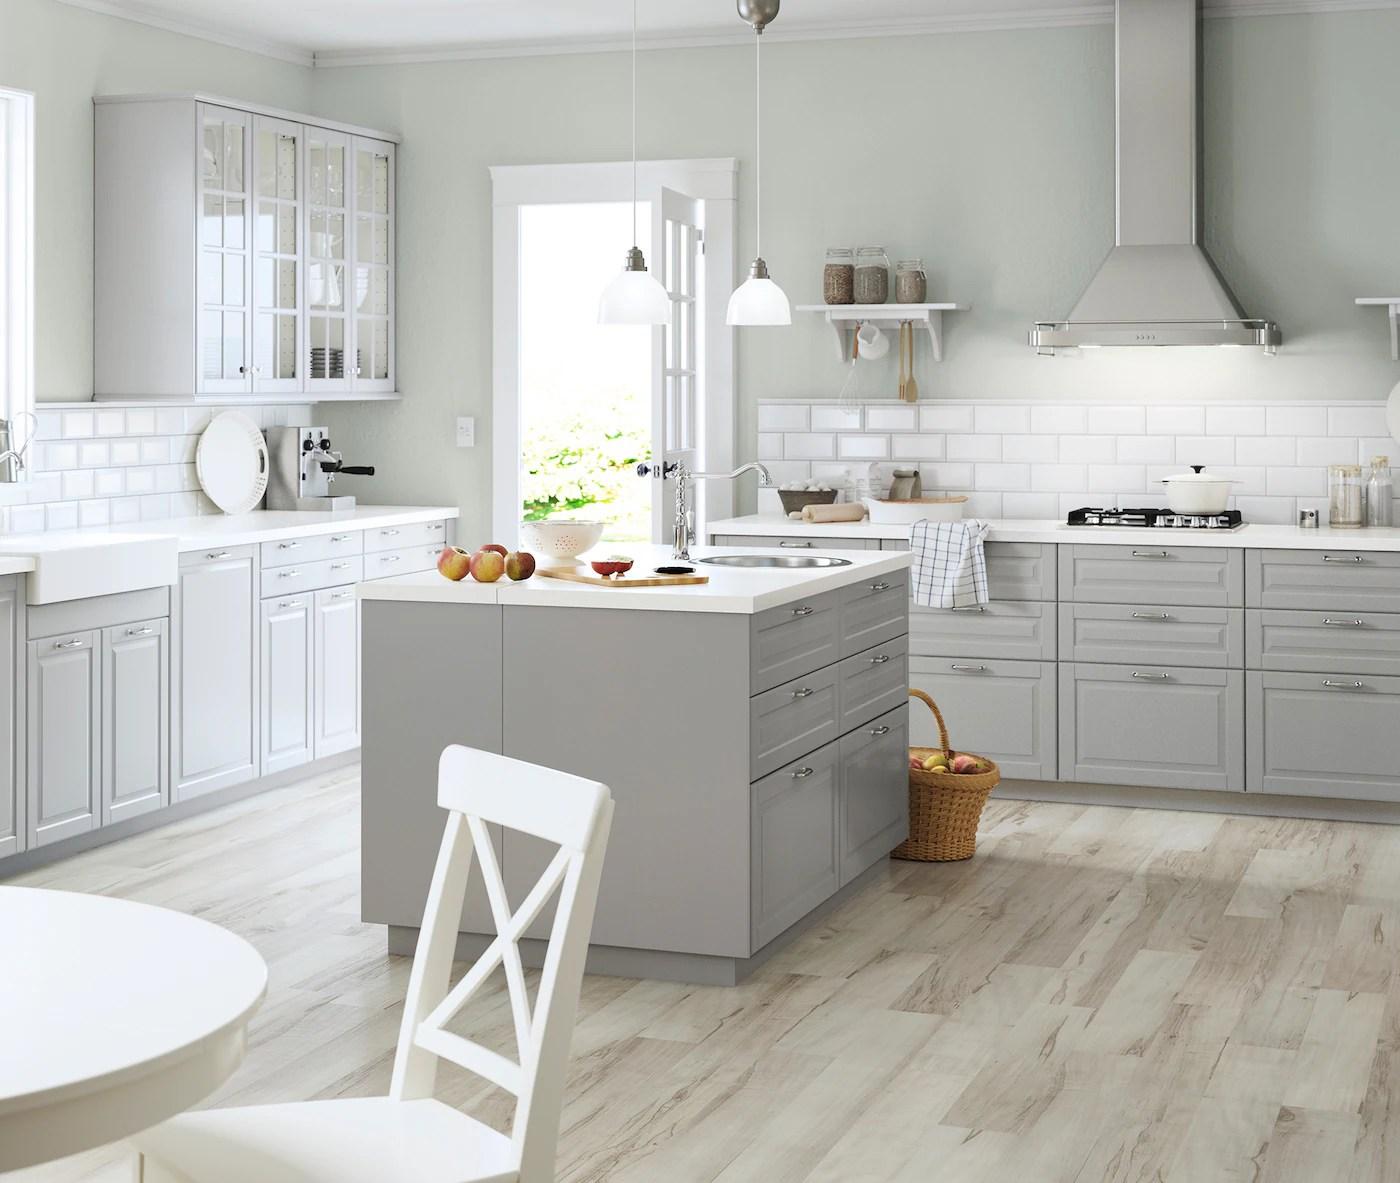 Schöner Wohnen Farbe Küche: Farbkombis Mit SchÖner Wohnen-farbe